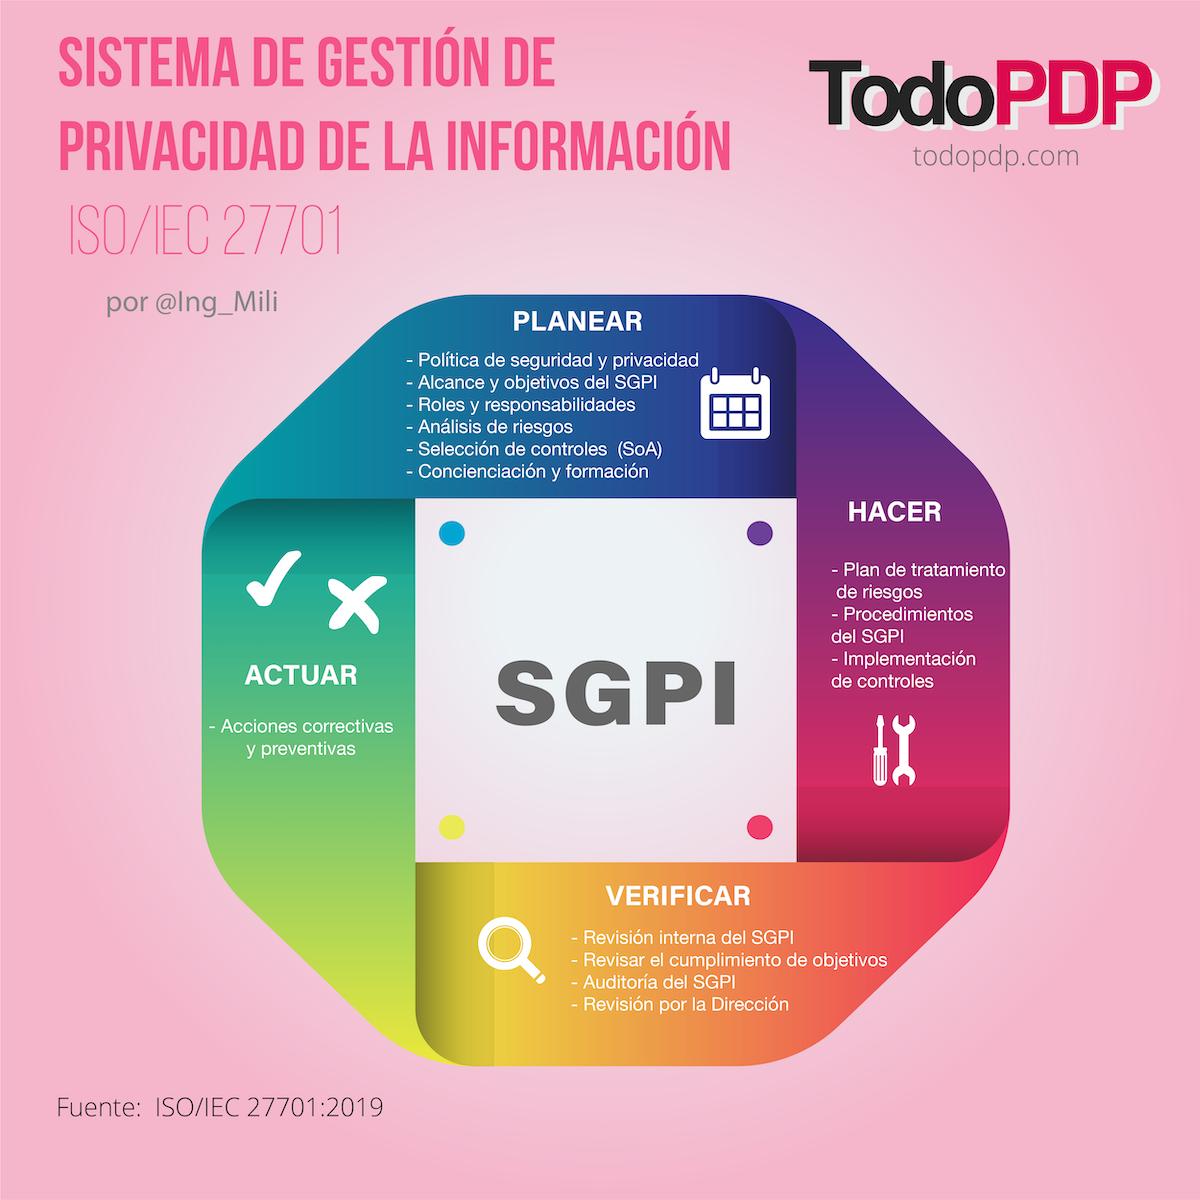 Sistema de Gestión de Privacidad de la Información- ISO 27701